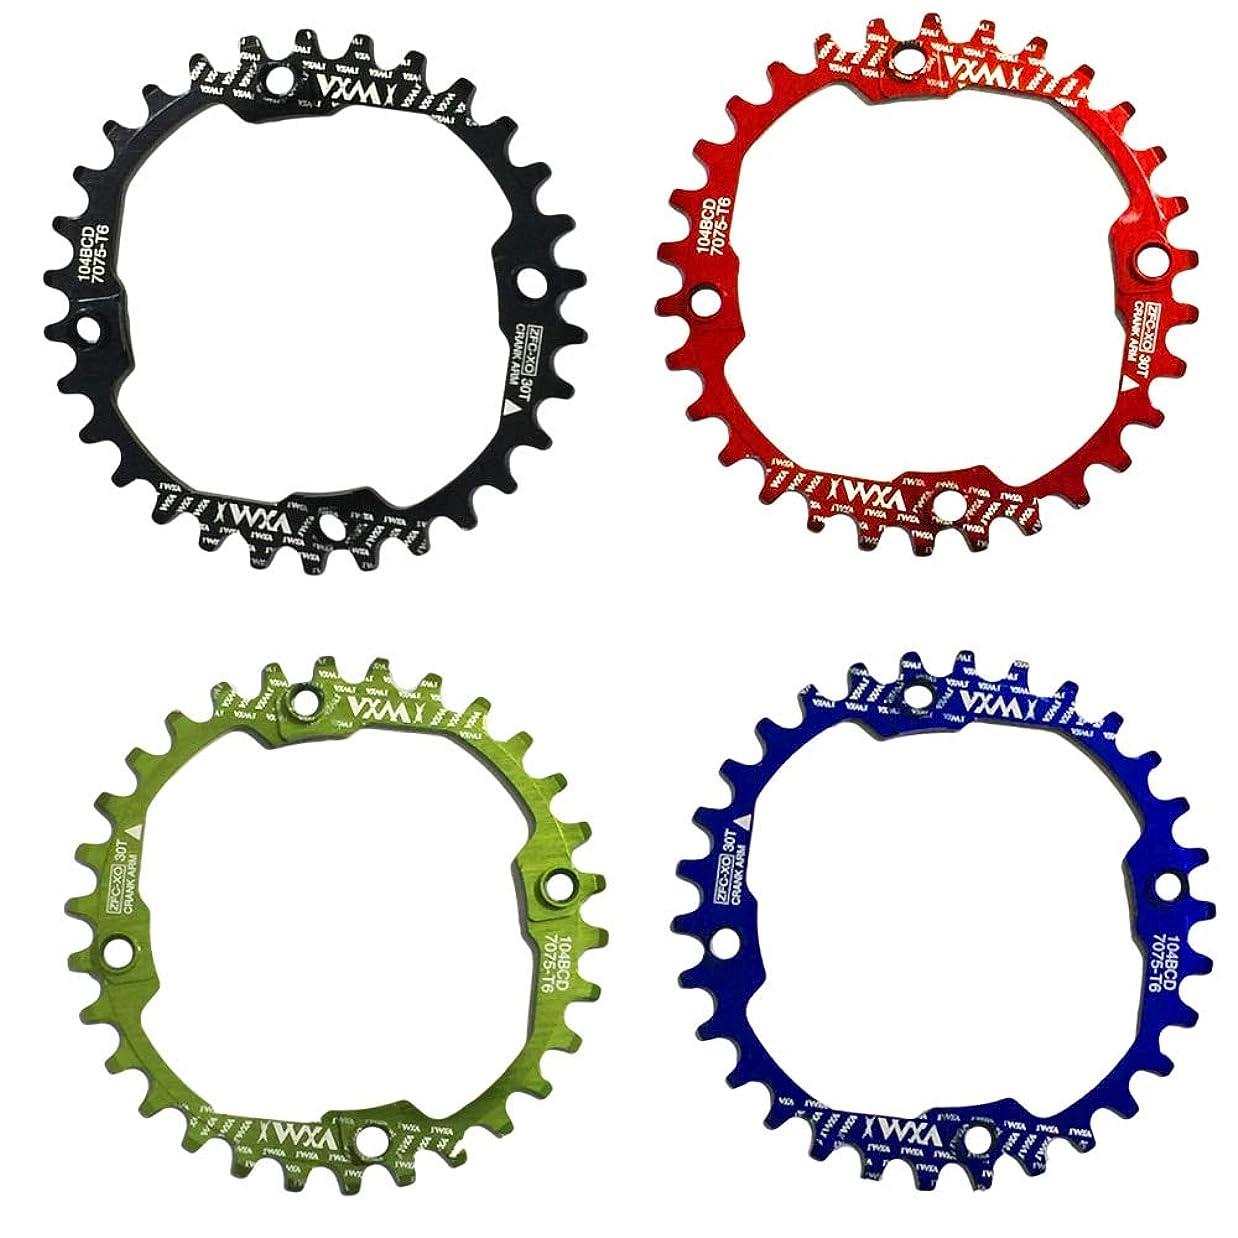 洋服悩み創始者Propenary - 1PC Bicycle Chainwheel Crank 30T 104BCD Aluminum Alloy Narrow Wide Chainring Round Bike Chainwheel Crankset Bicycle Parts [ Blue ]